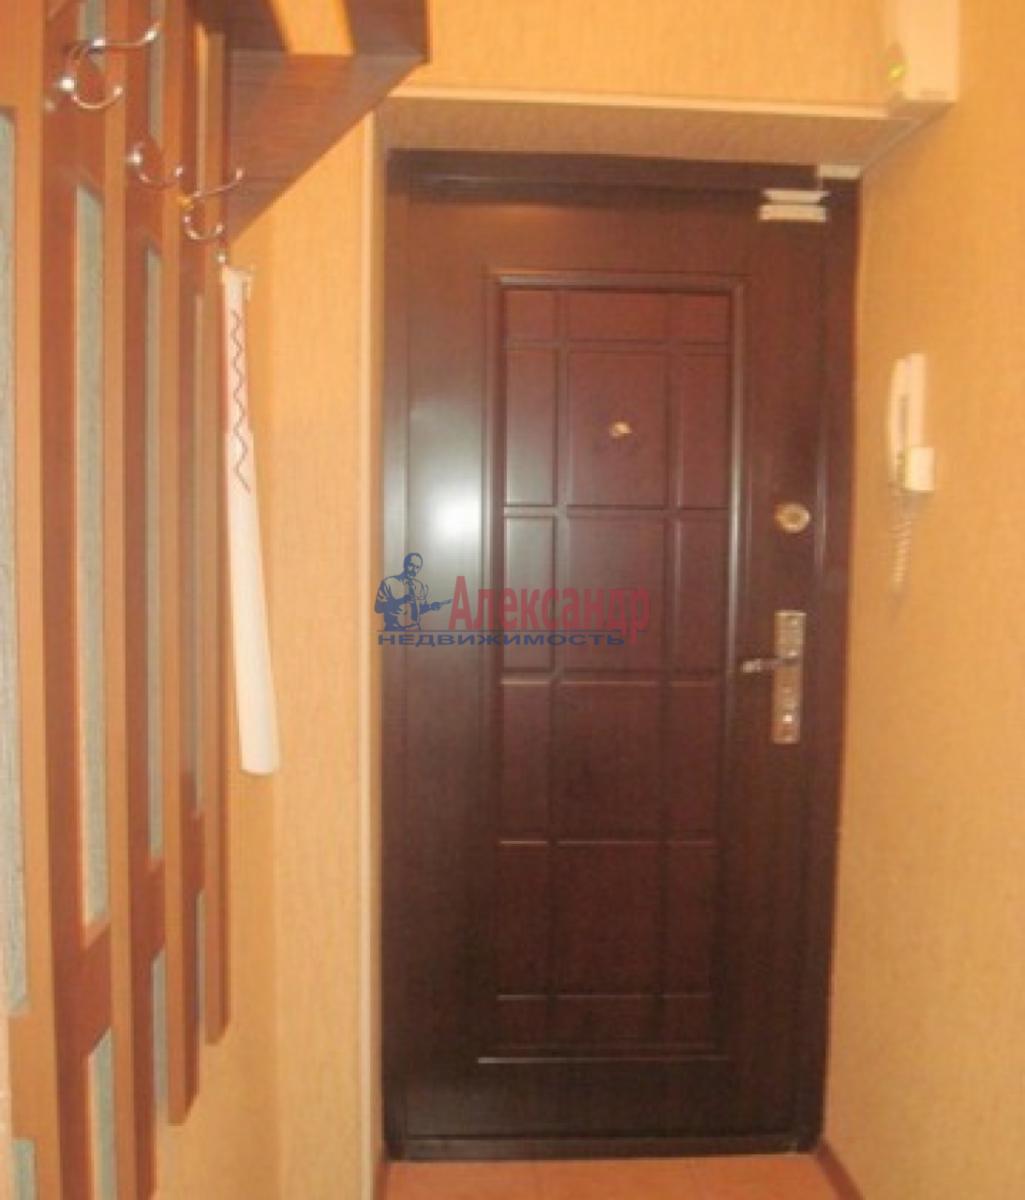 1-комнатная квартира (38м2) в аренду по адресу Ланское шос., 4— фото 6 из 6